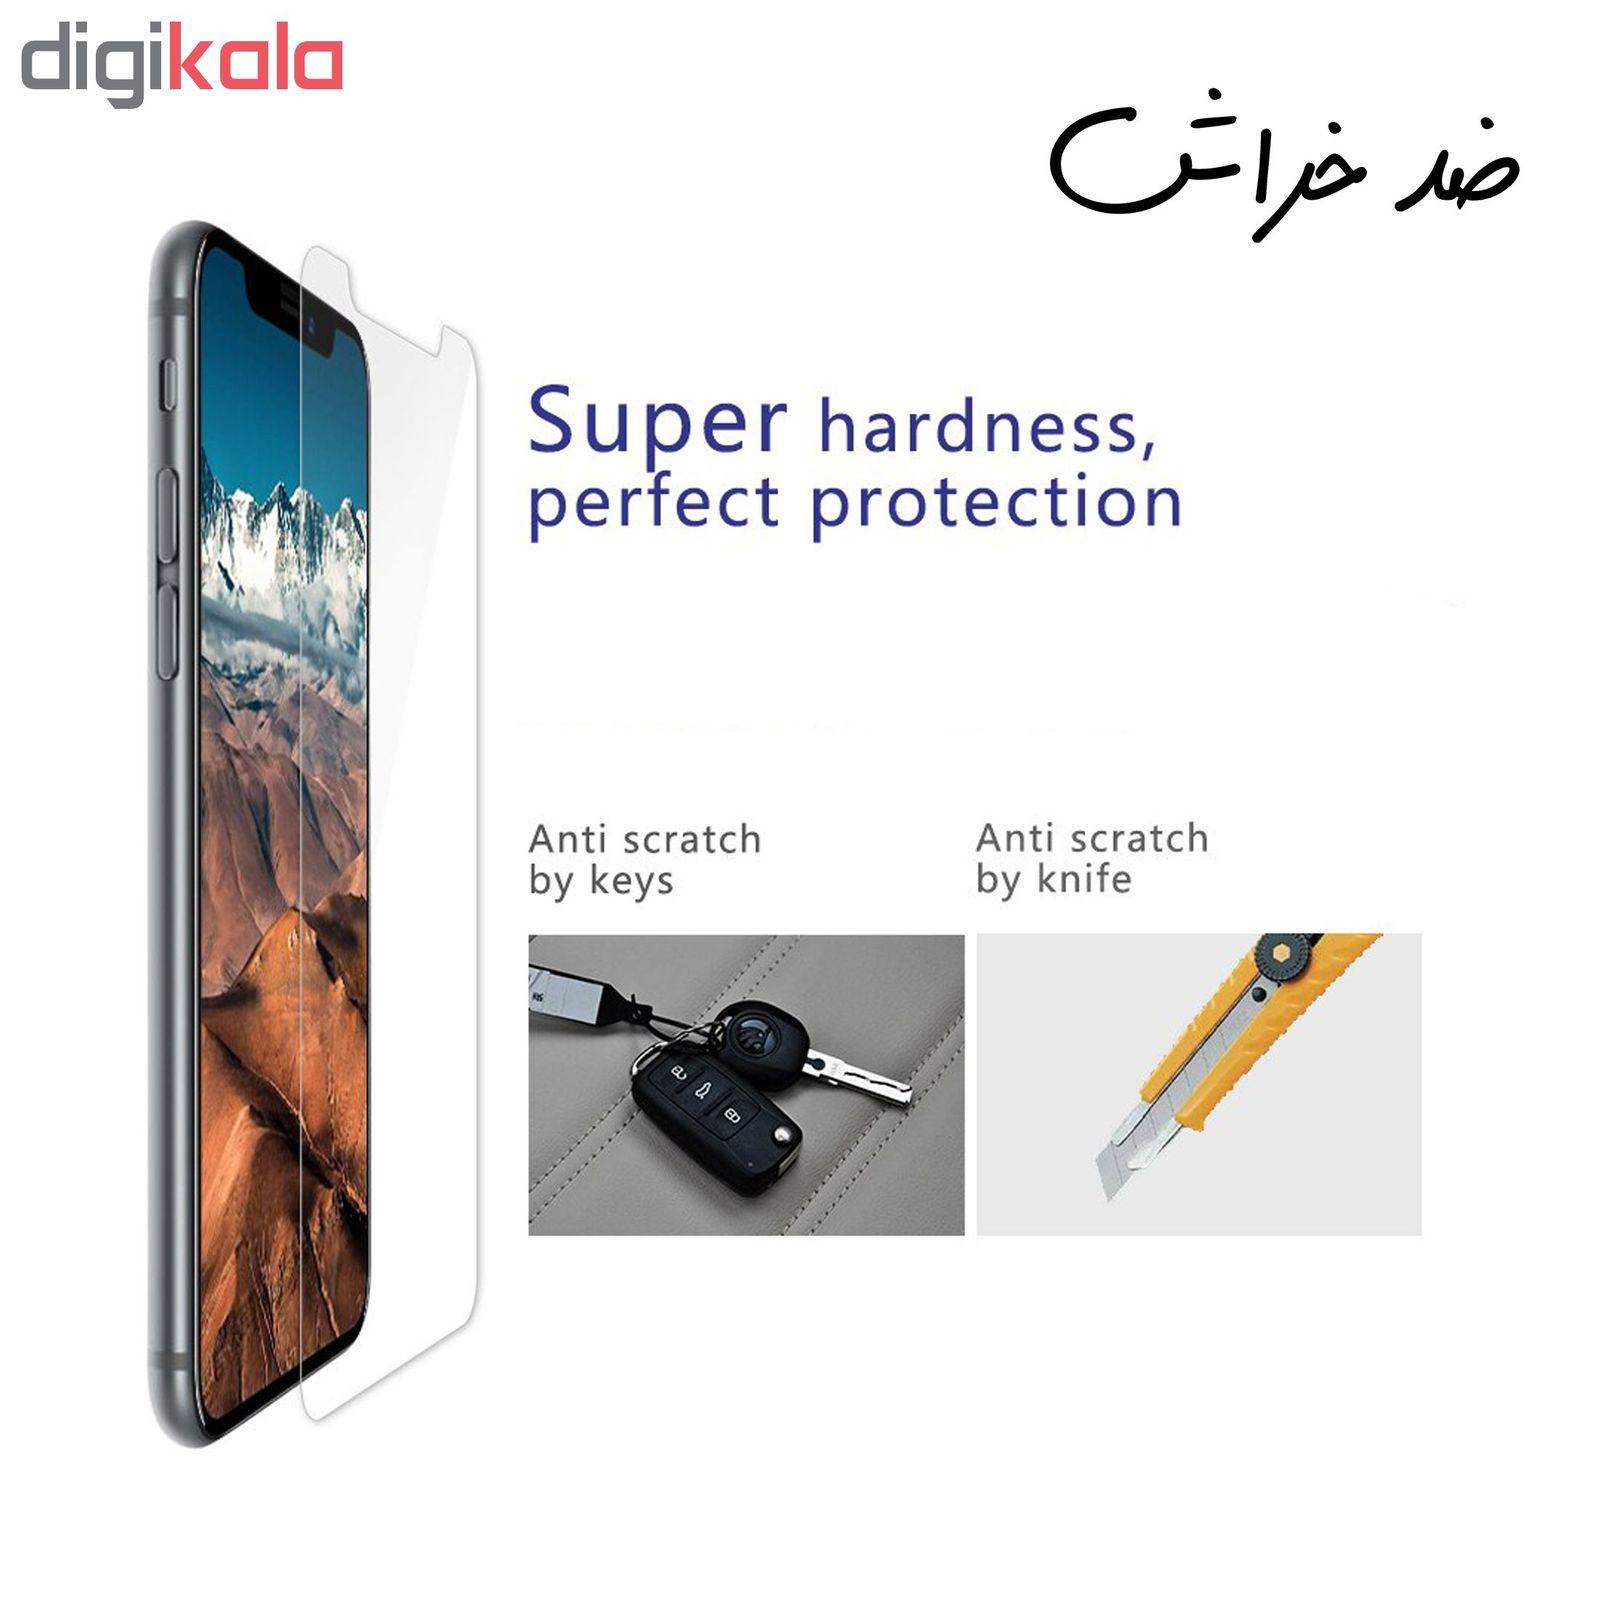 محافظ صفحه نمایش Hard and thick مدل F-01 مناسب برای گوشی موبایل سامسونگ Galaxy A7 2018 main 1 4